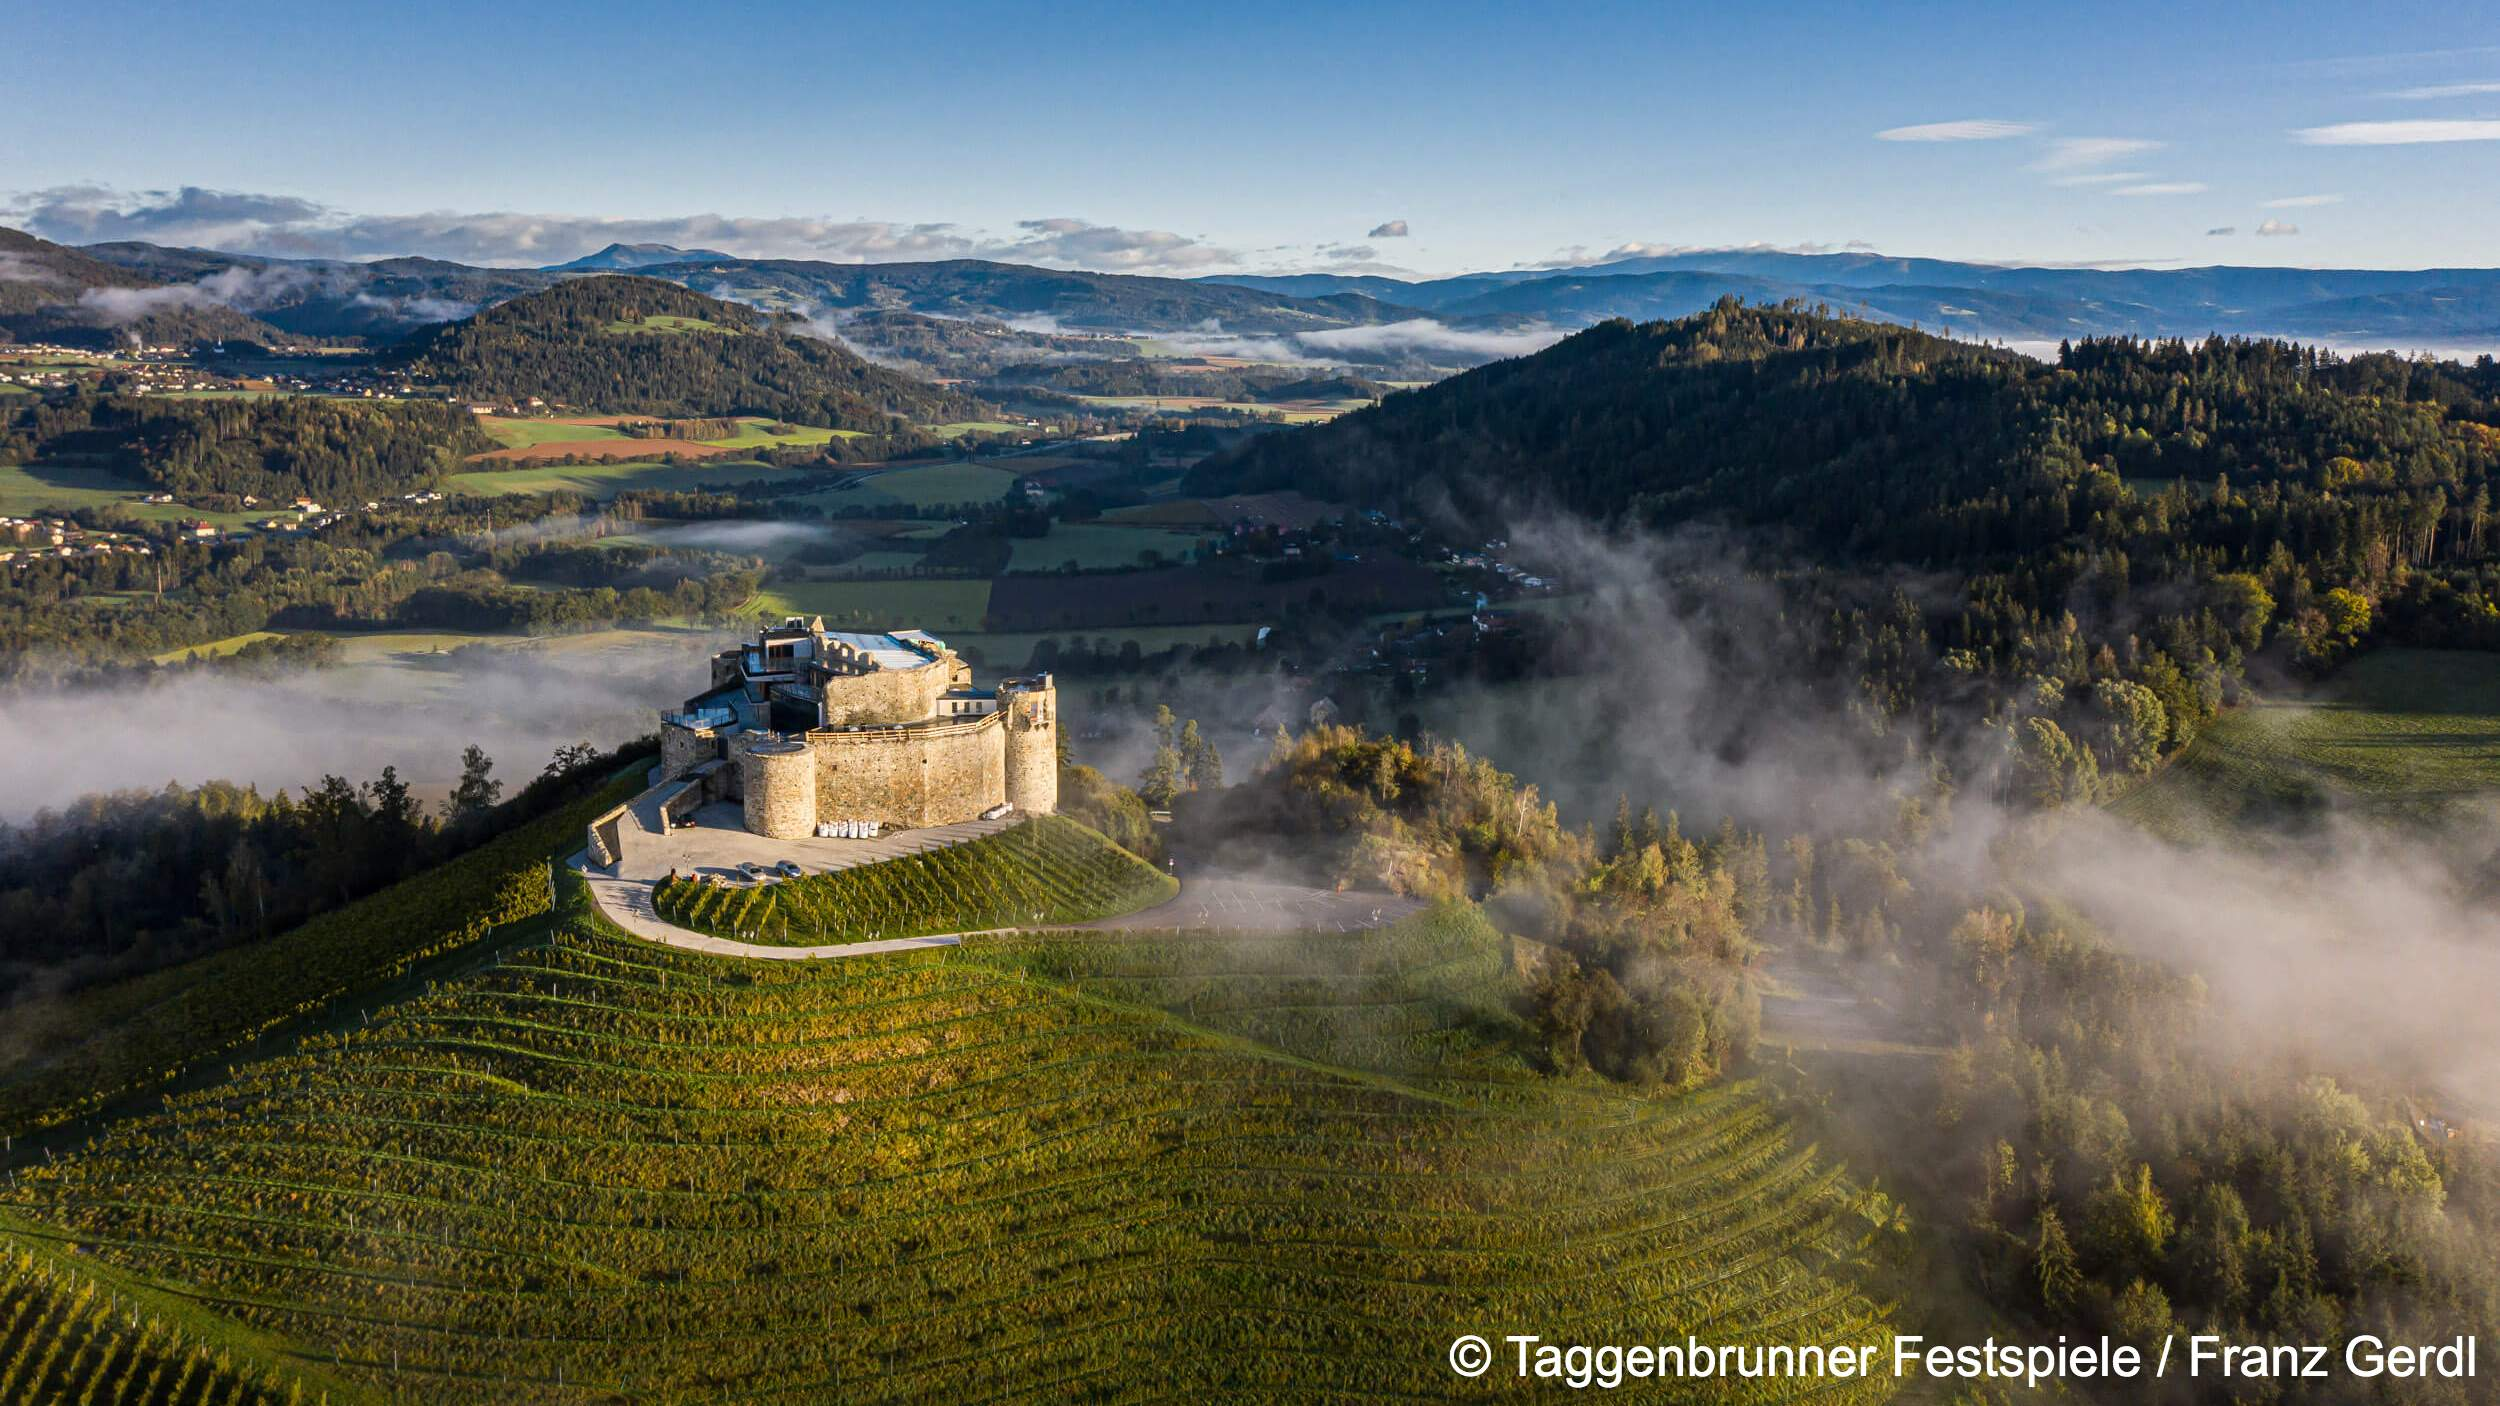 Musikreise Taggenbrunn Üsterreich